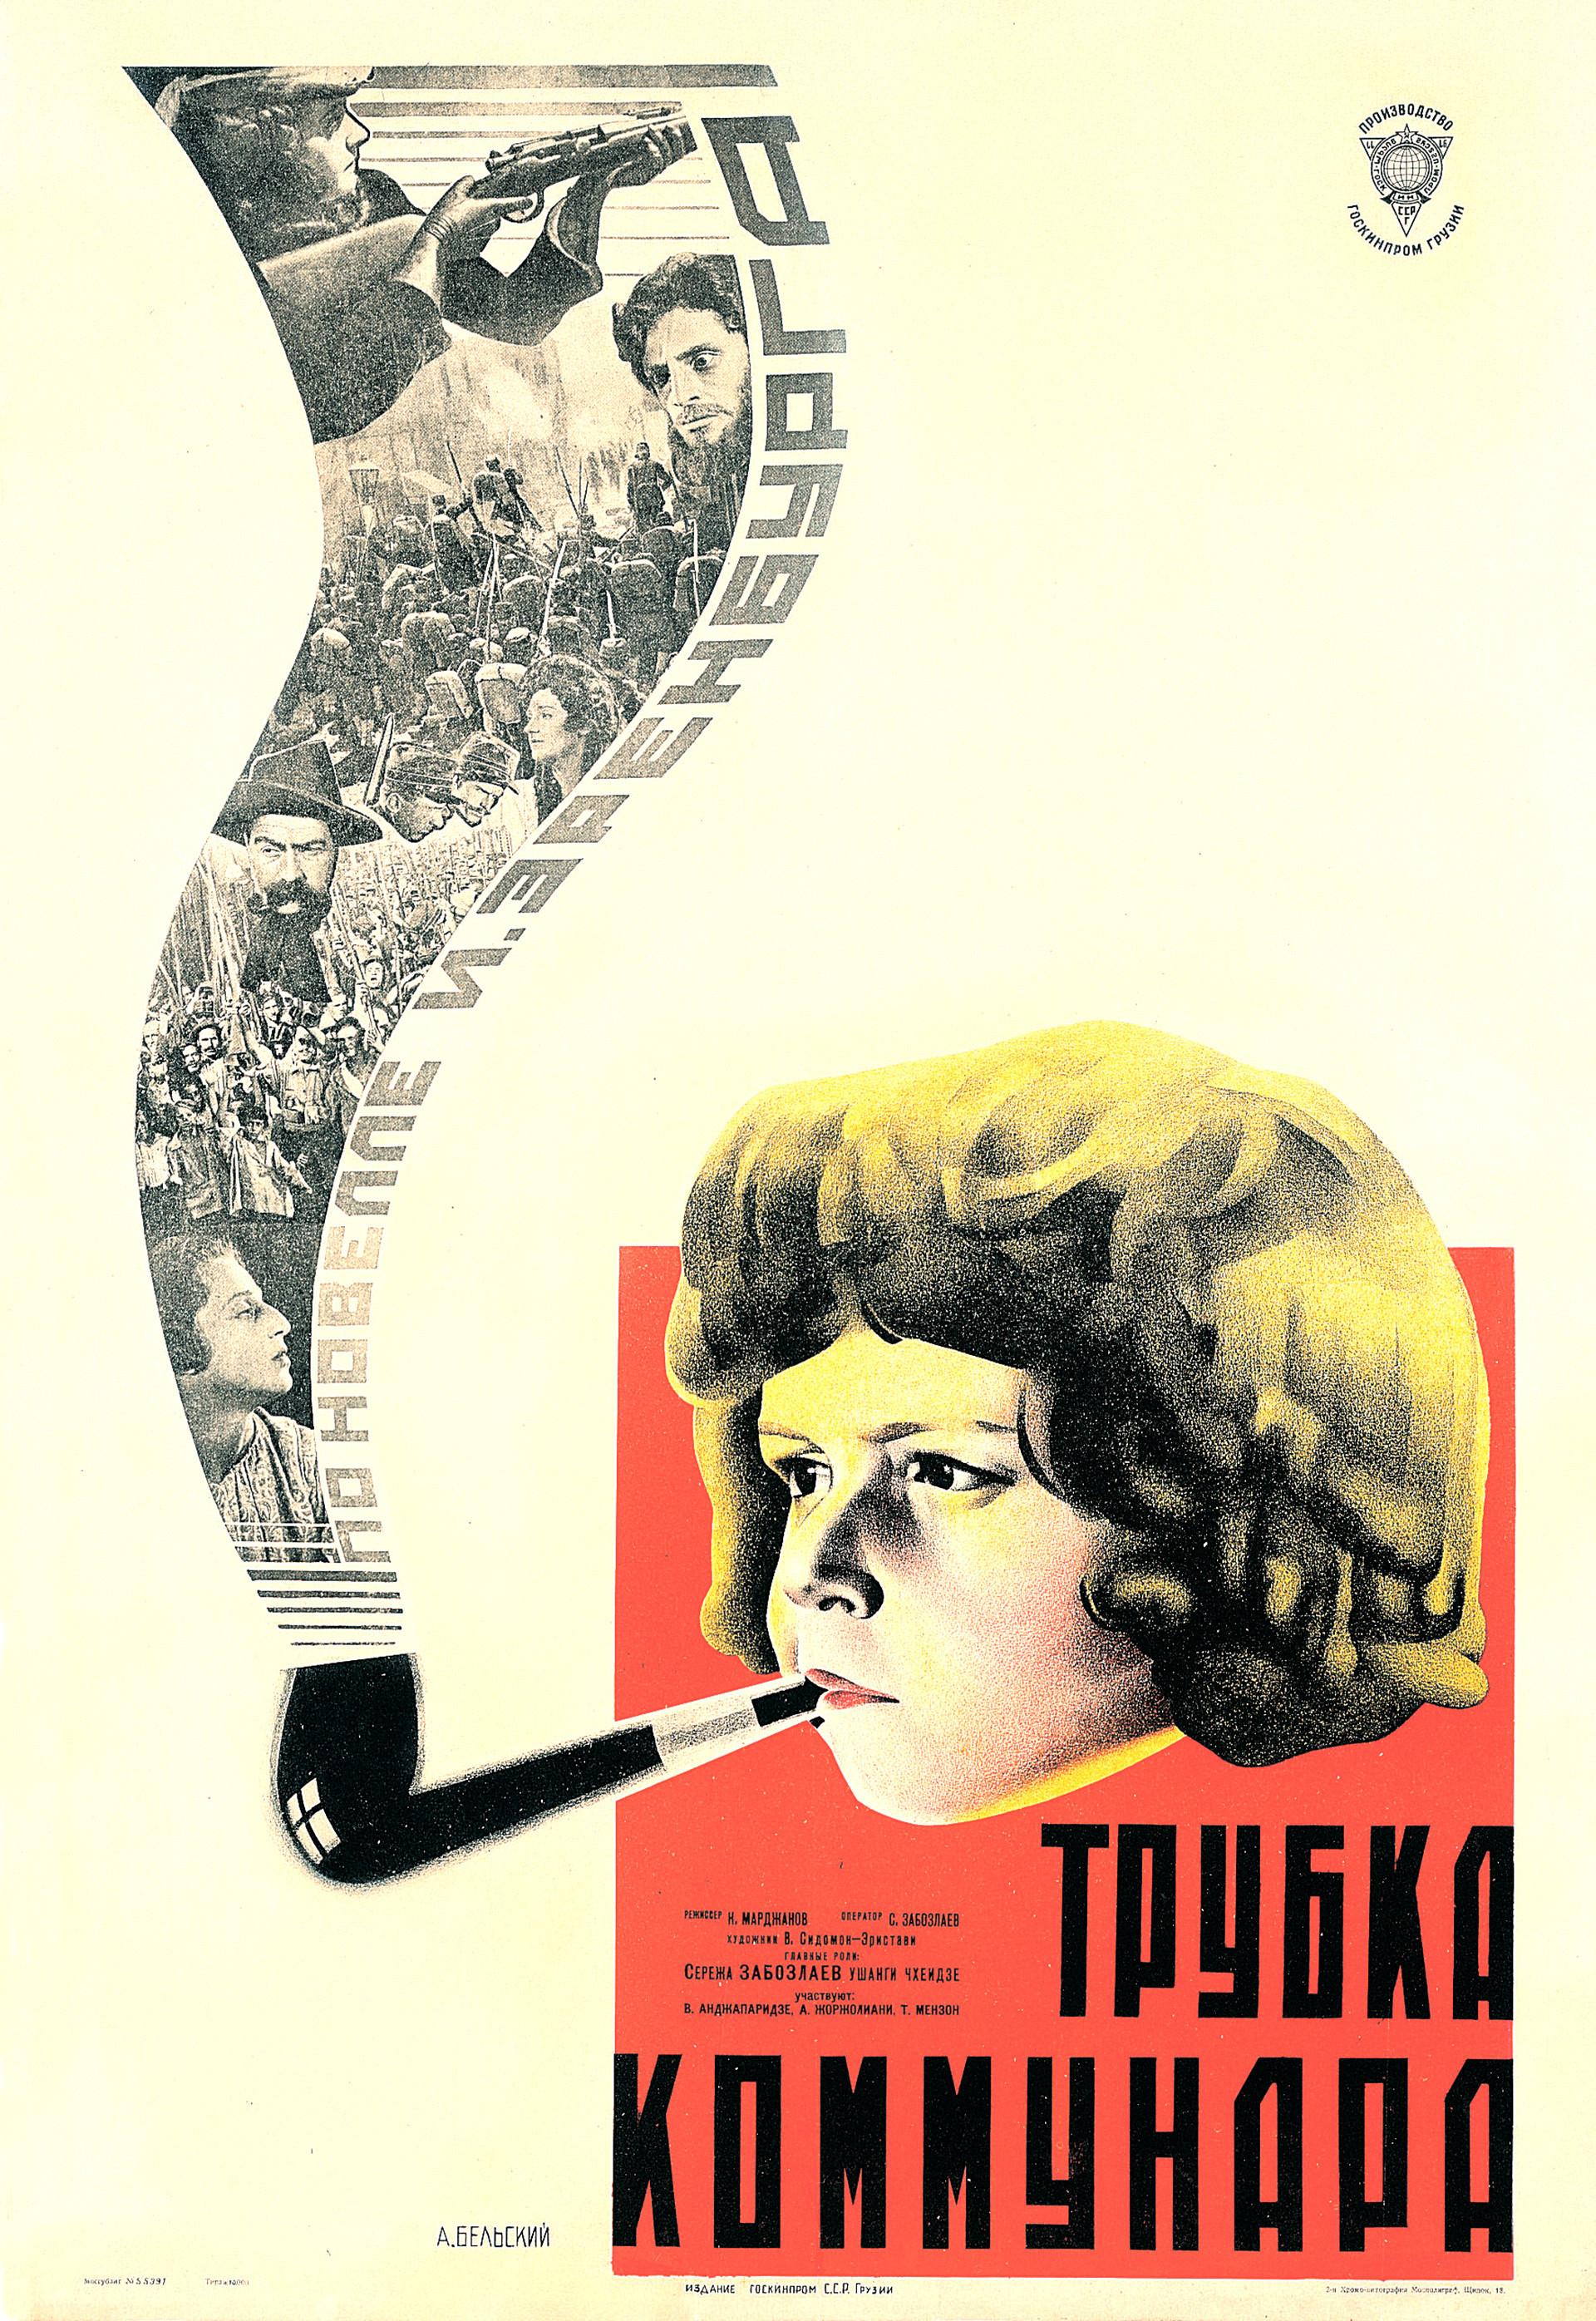 アナトリー・ベリスキー、映画『共同体構成員のパイプ』(1929)のポスター